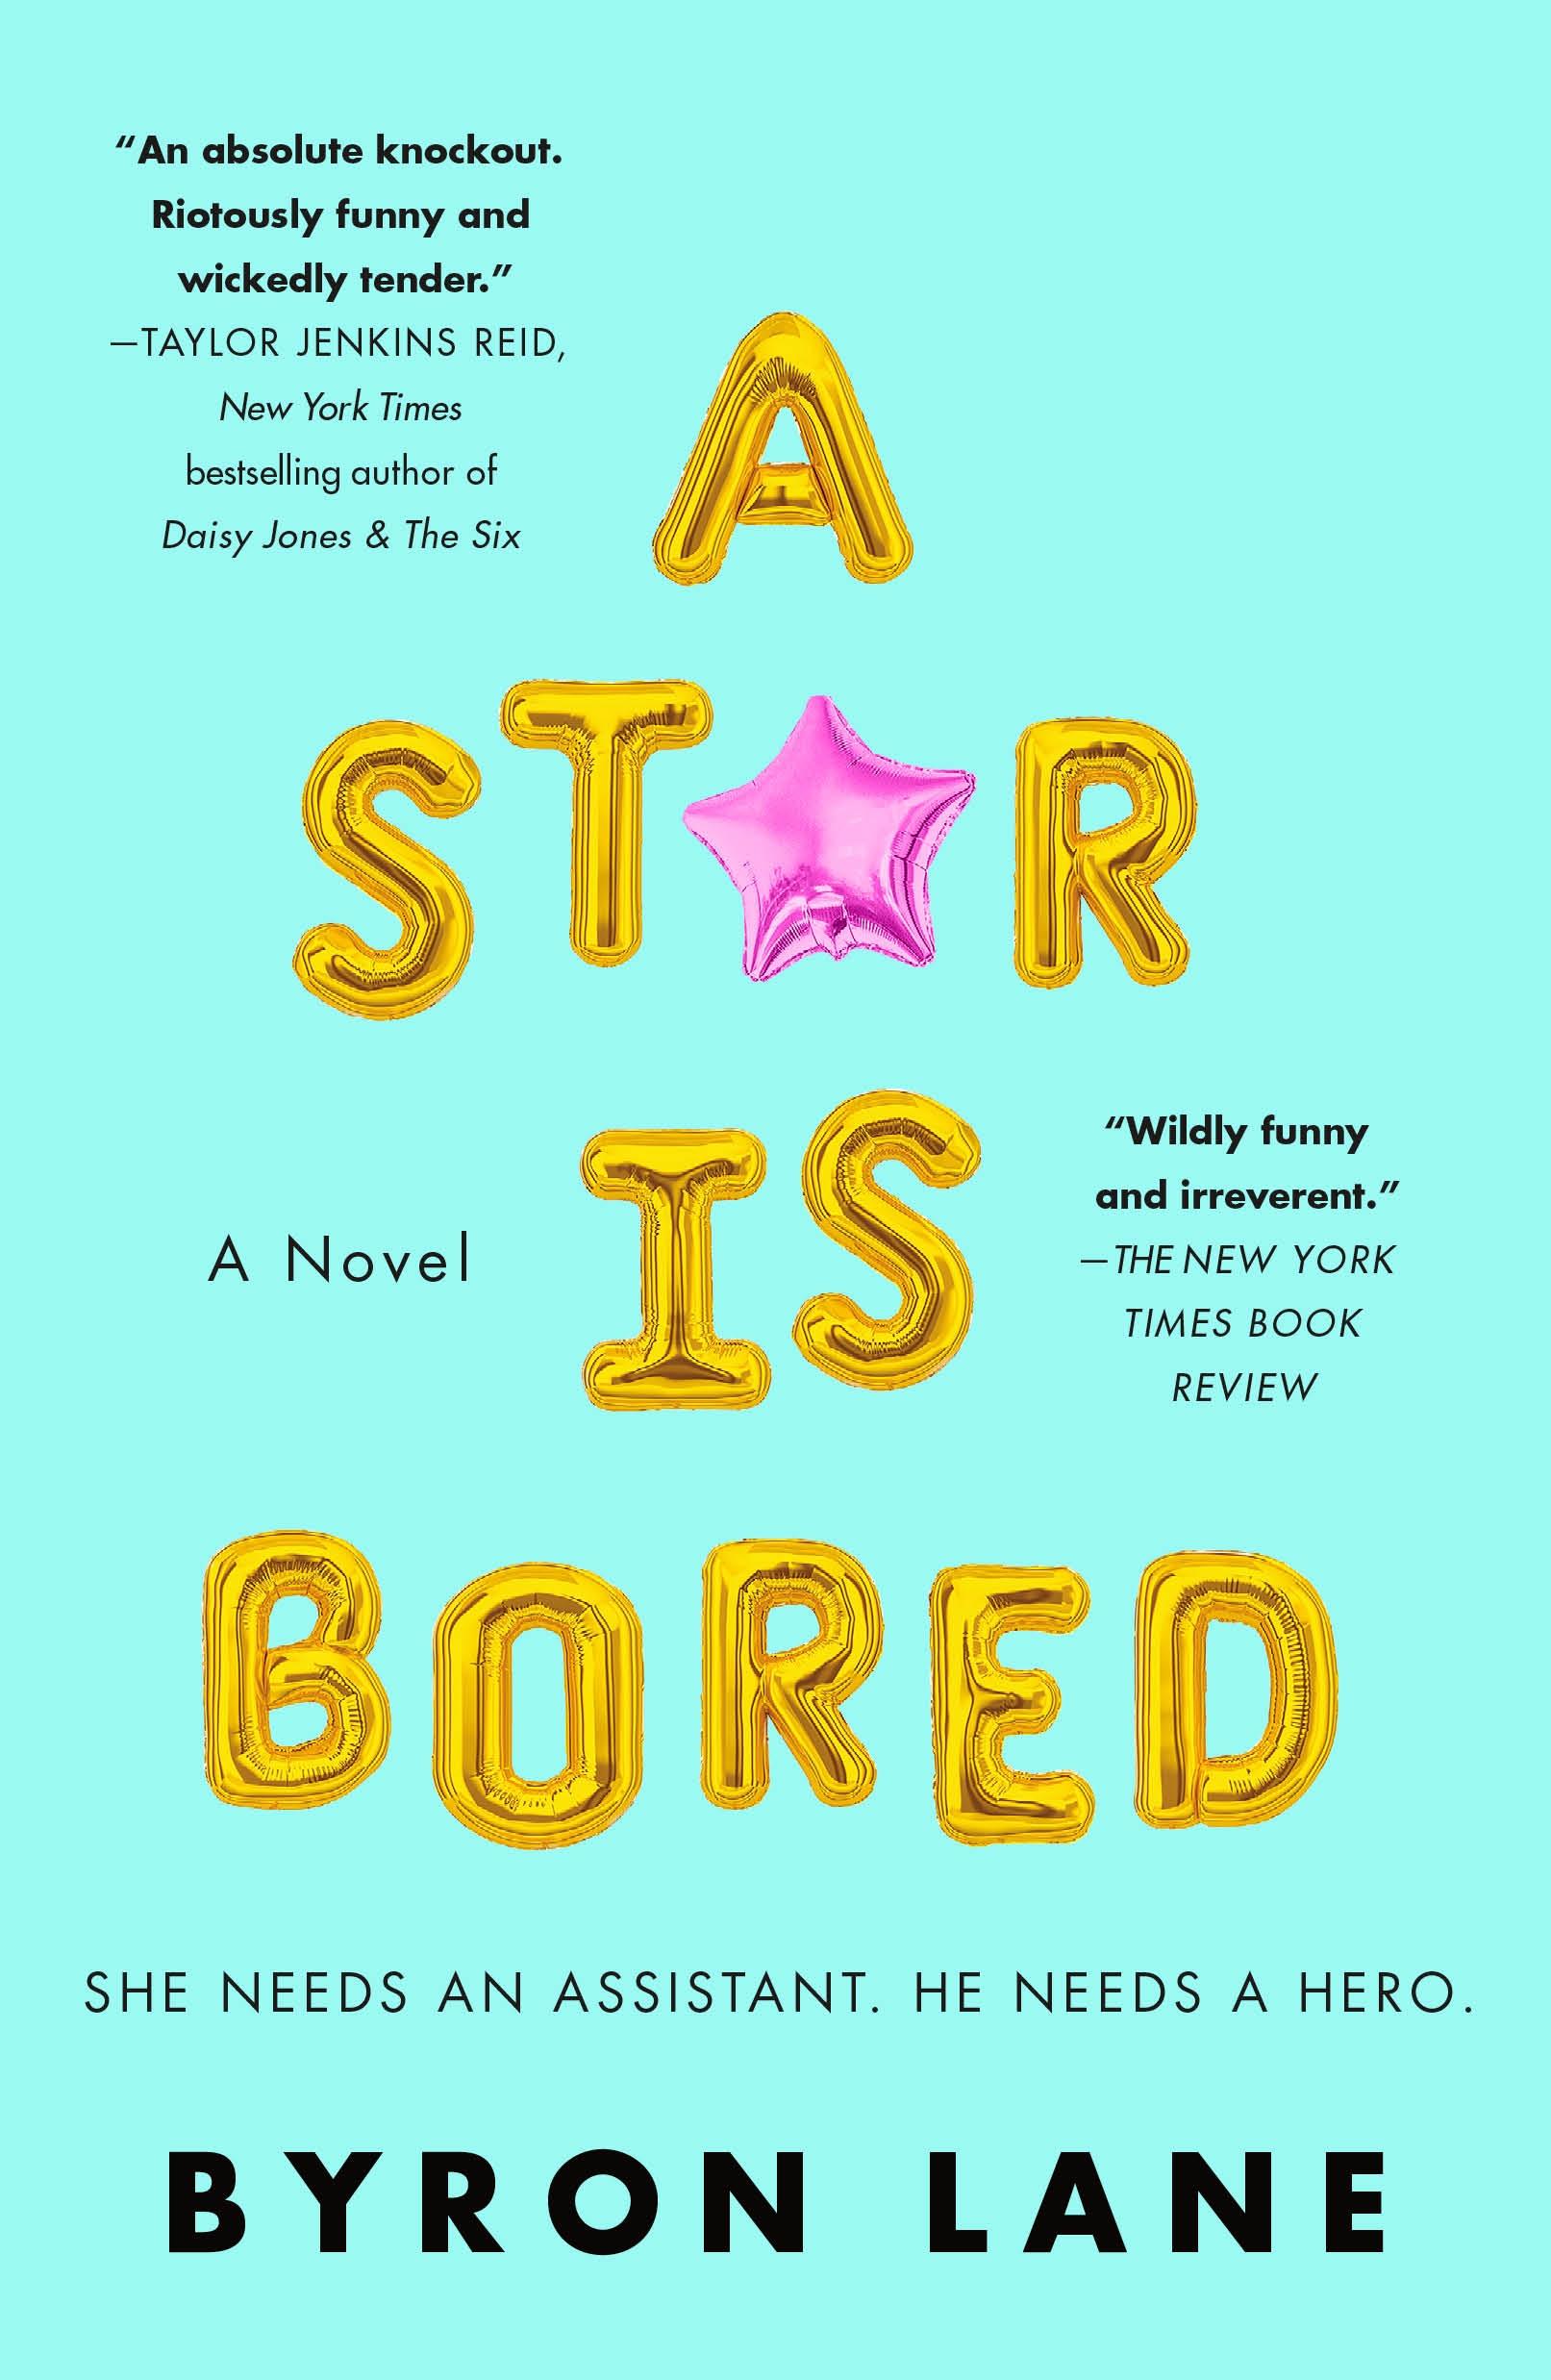 A Star Is Bored A Novel